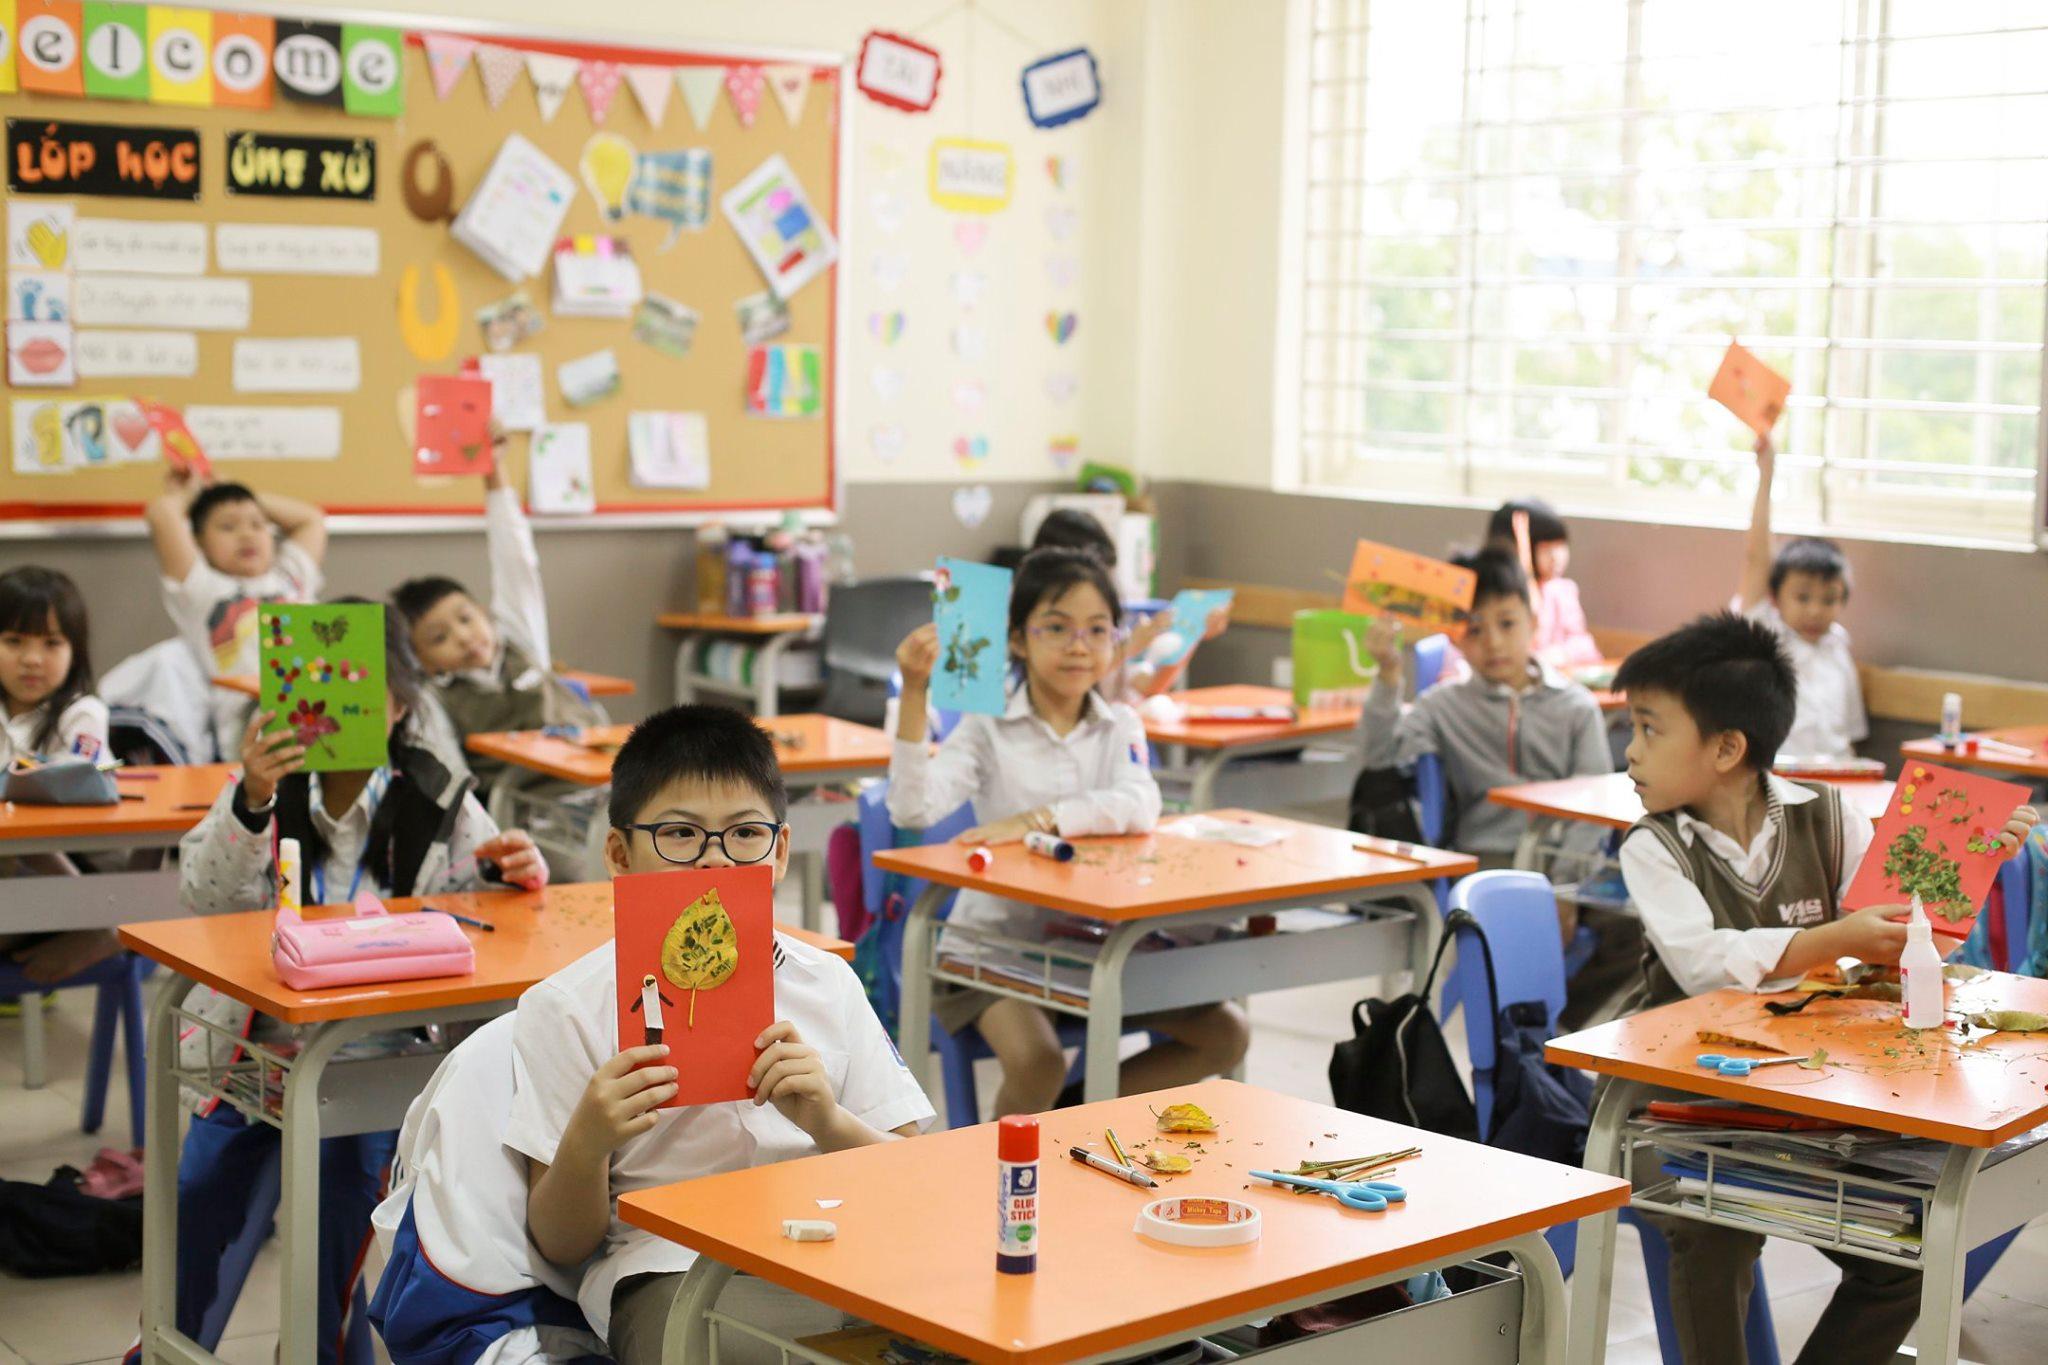 Những ngôi trường nội trú giữa lòng Hà Nội khiến nhiều phụ huynh phấn khích muốn đưa con vào học ngay lập tức - Ảnh 7.